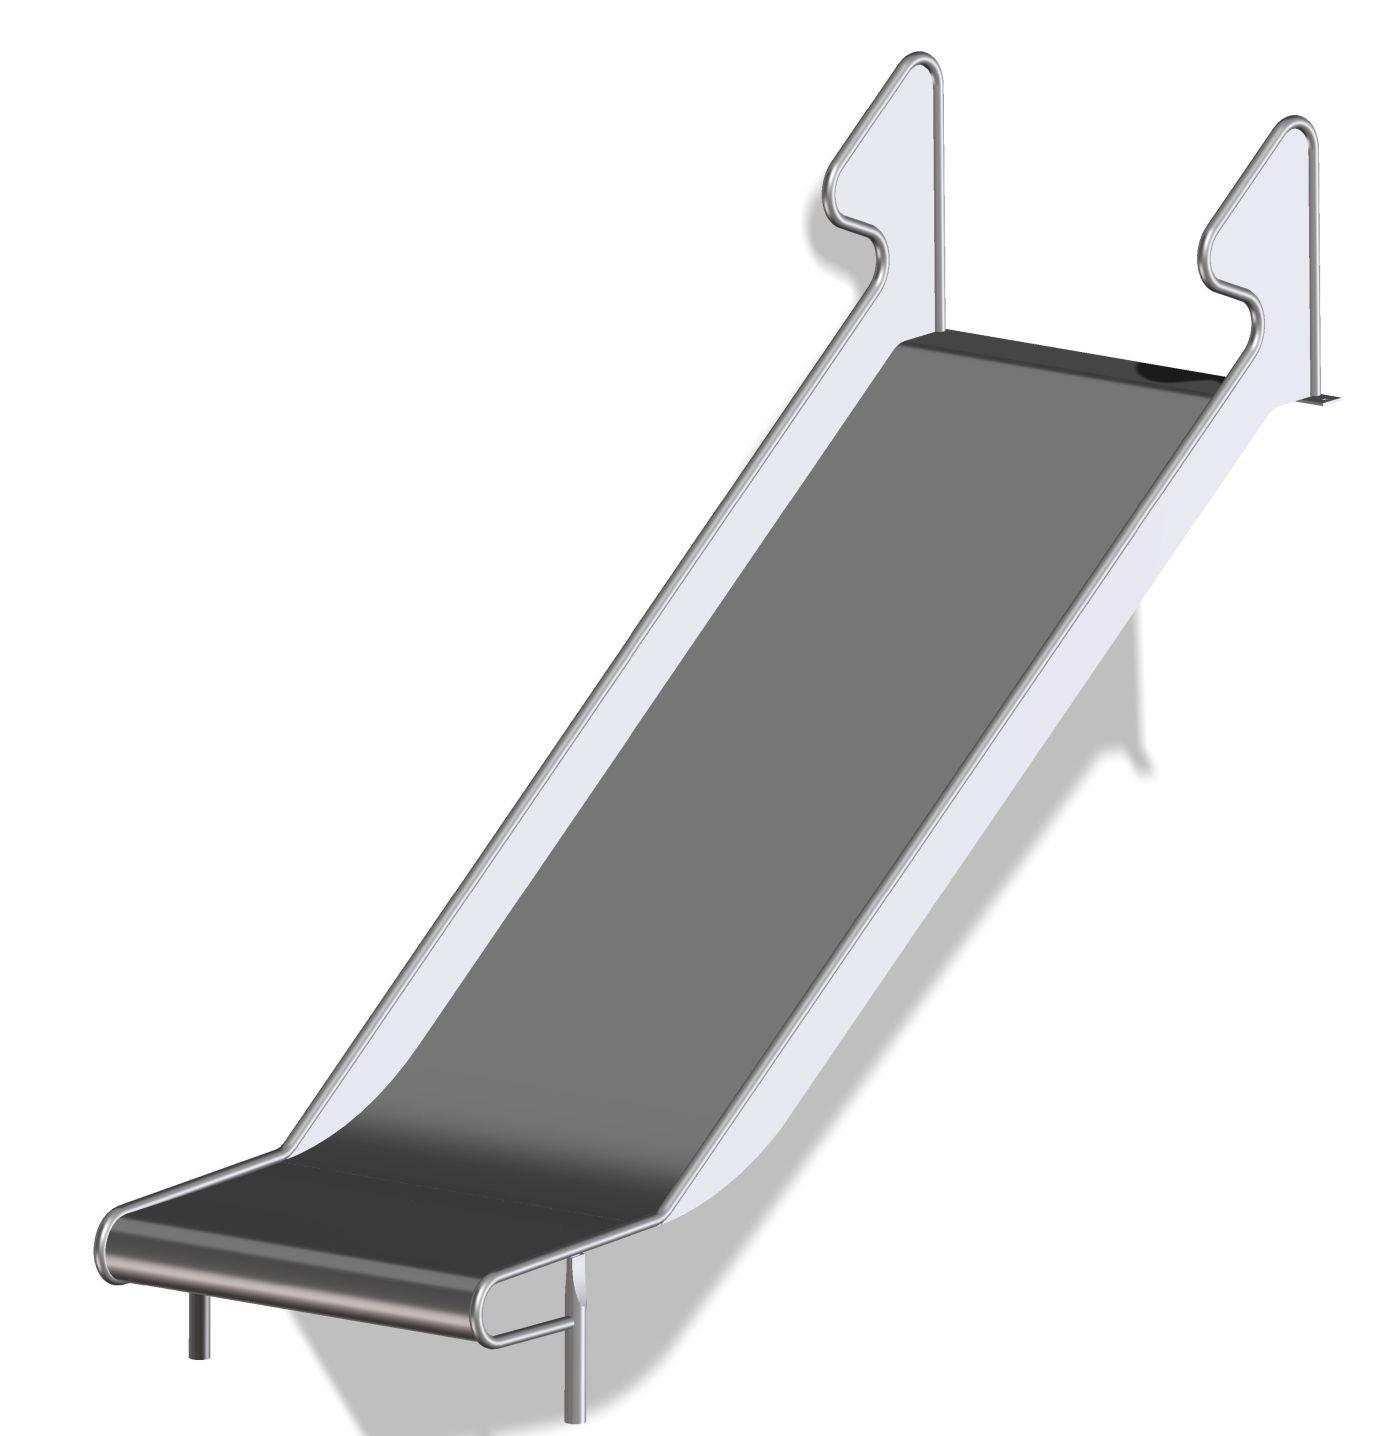 b+t BU-RWB40510 Rutsche aus Edelstahl / Turm-bzw. Hangrutsche / Podesthöhe= 200 cm / Breite= 100 cm / Länge= 400 cm kaufen